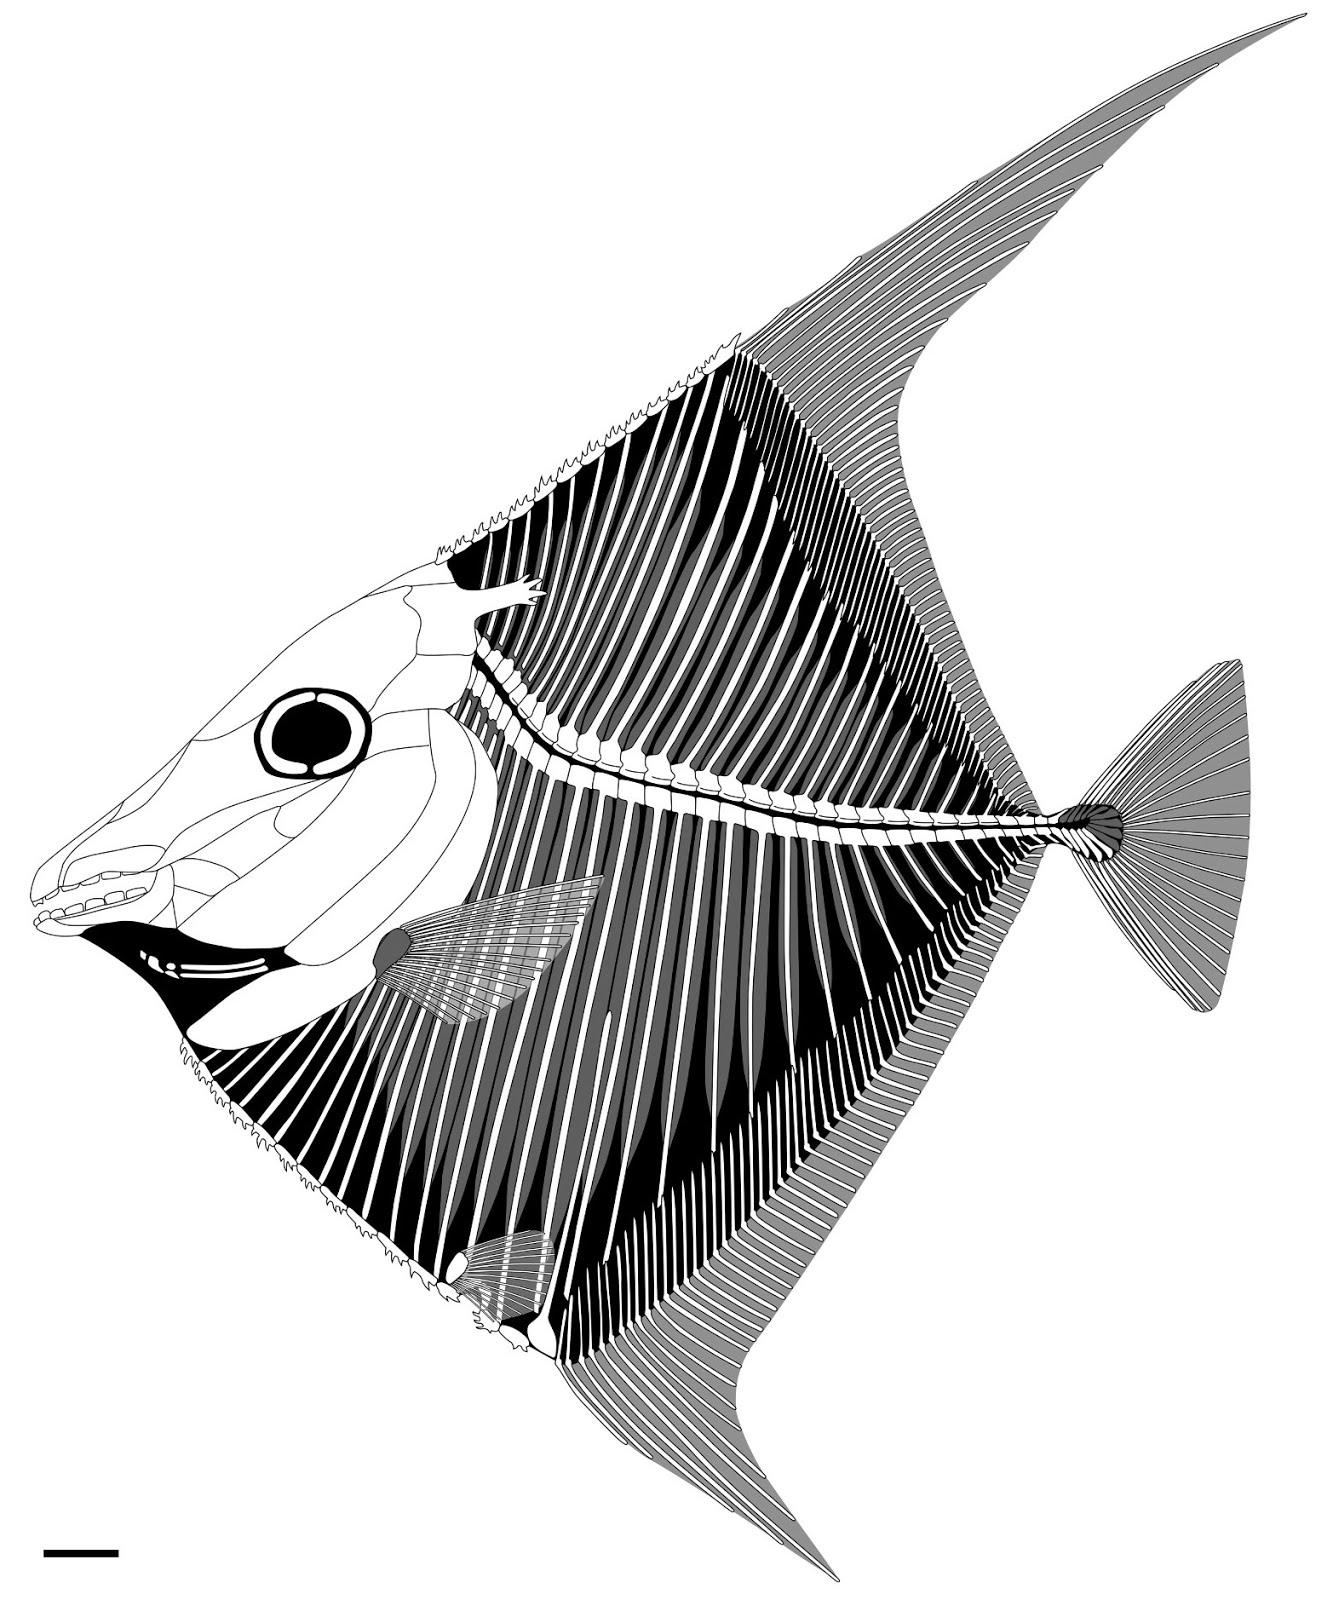 Flagellipinna rhomboides